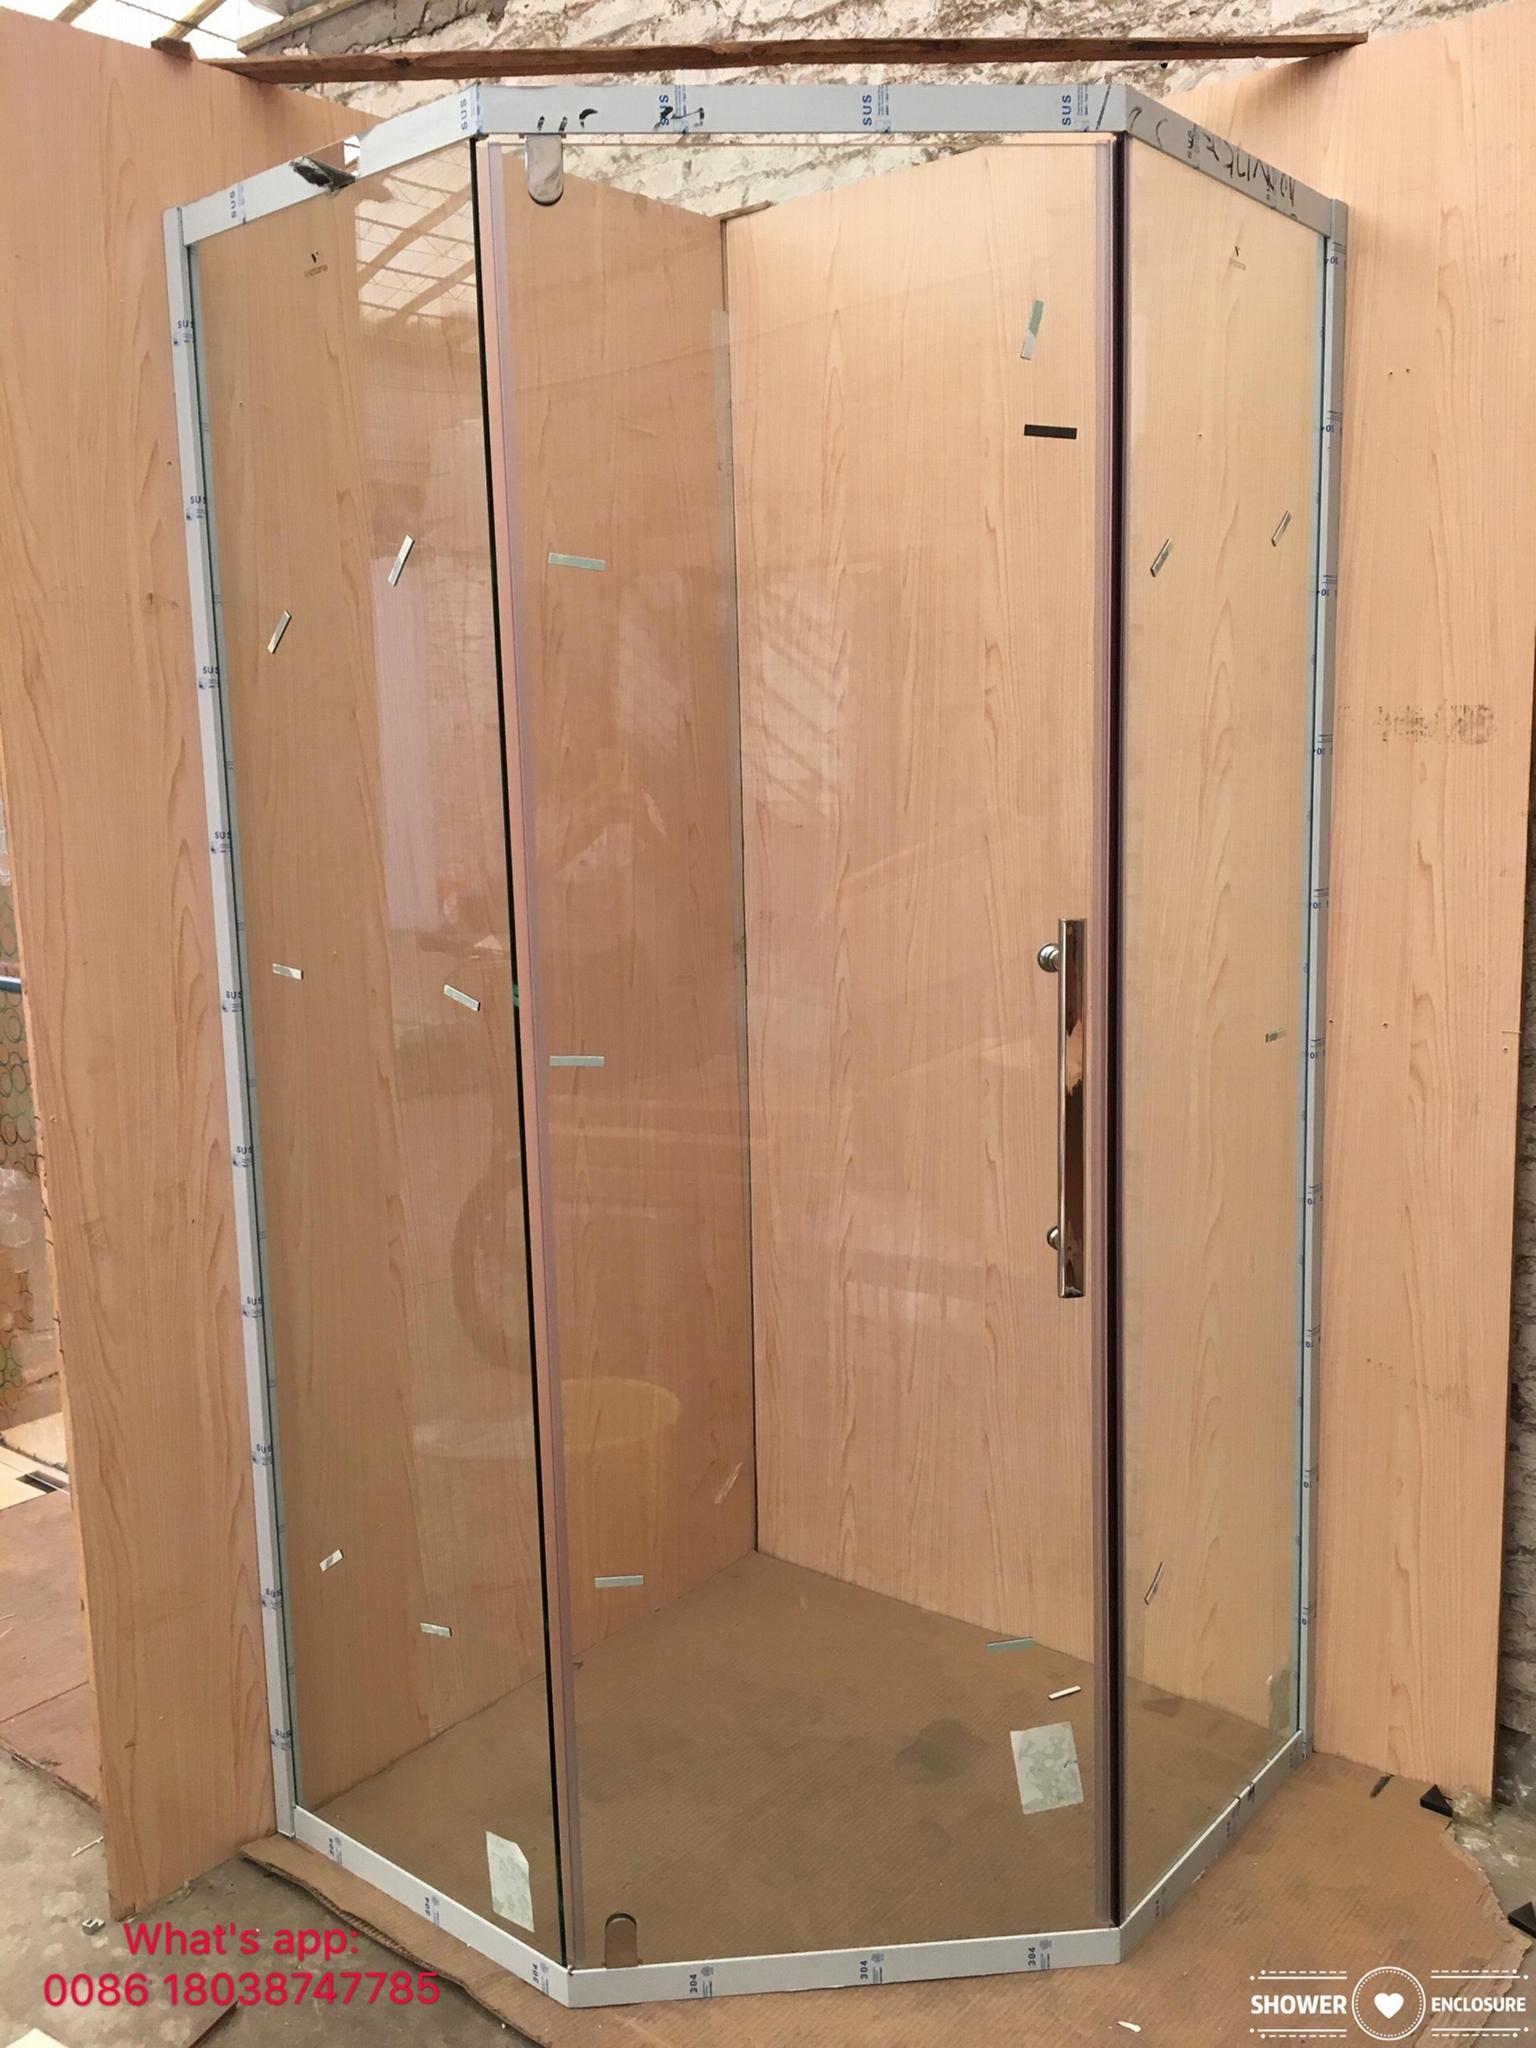 SUS304 shower enclosure shower room black color diamond shape 4